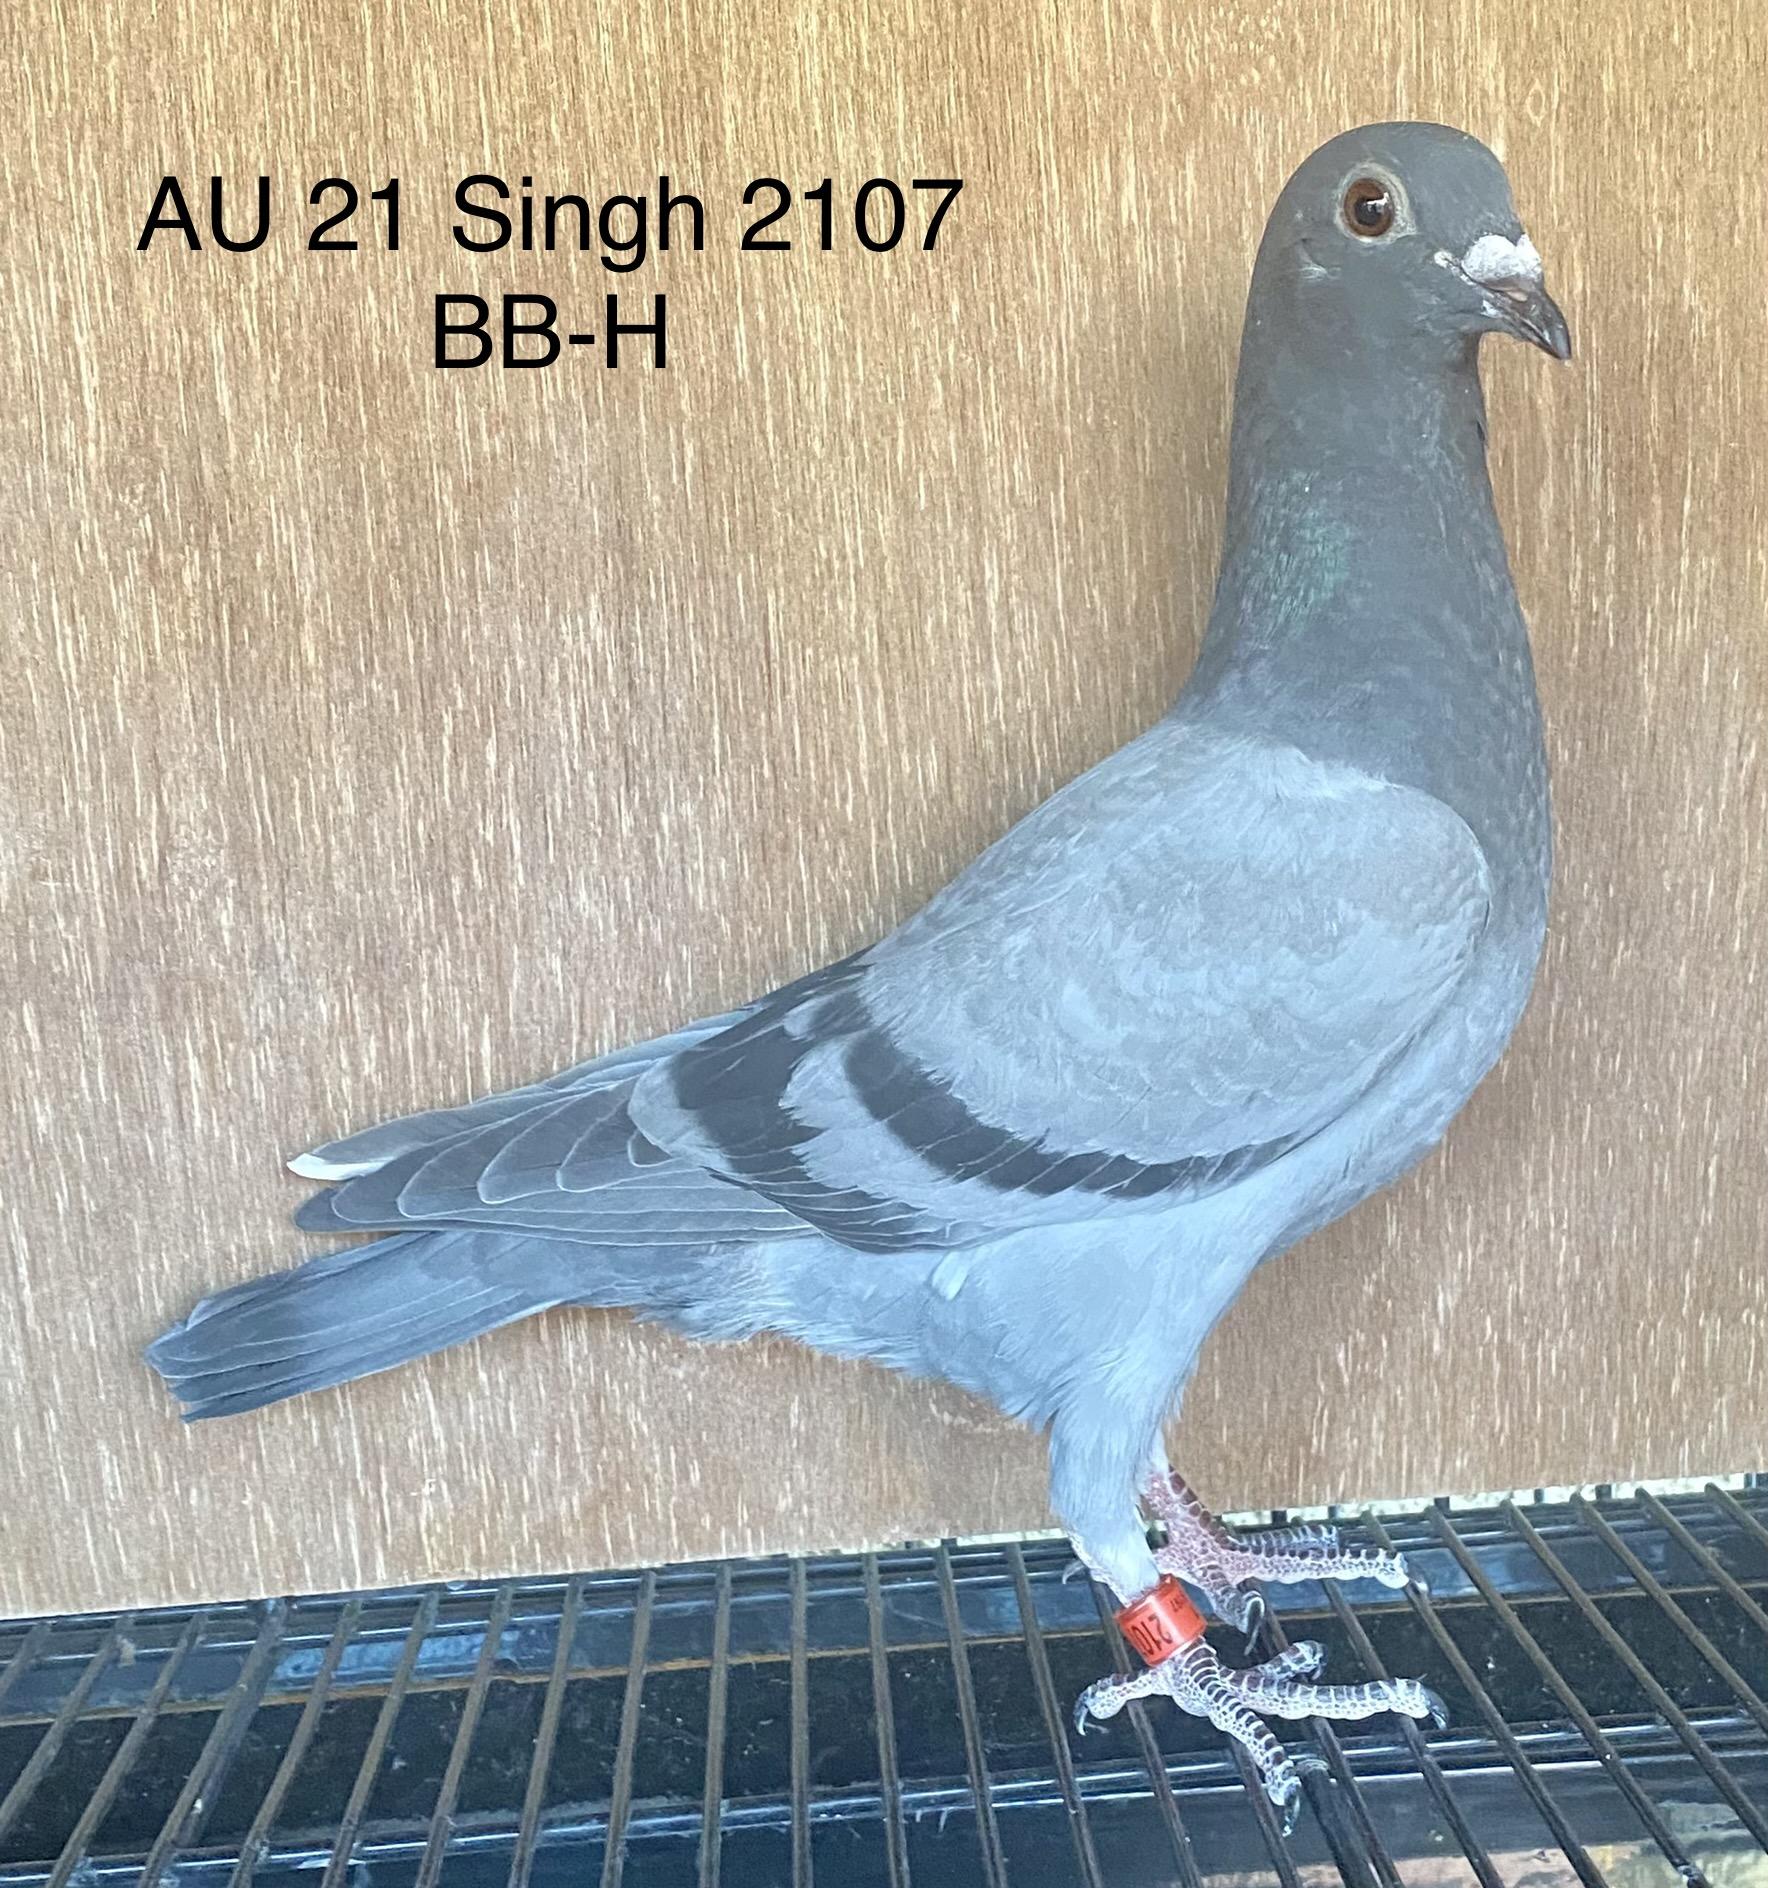 AU 21 Singh 2107 BB-H